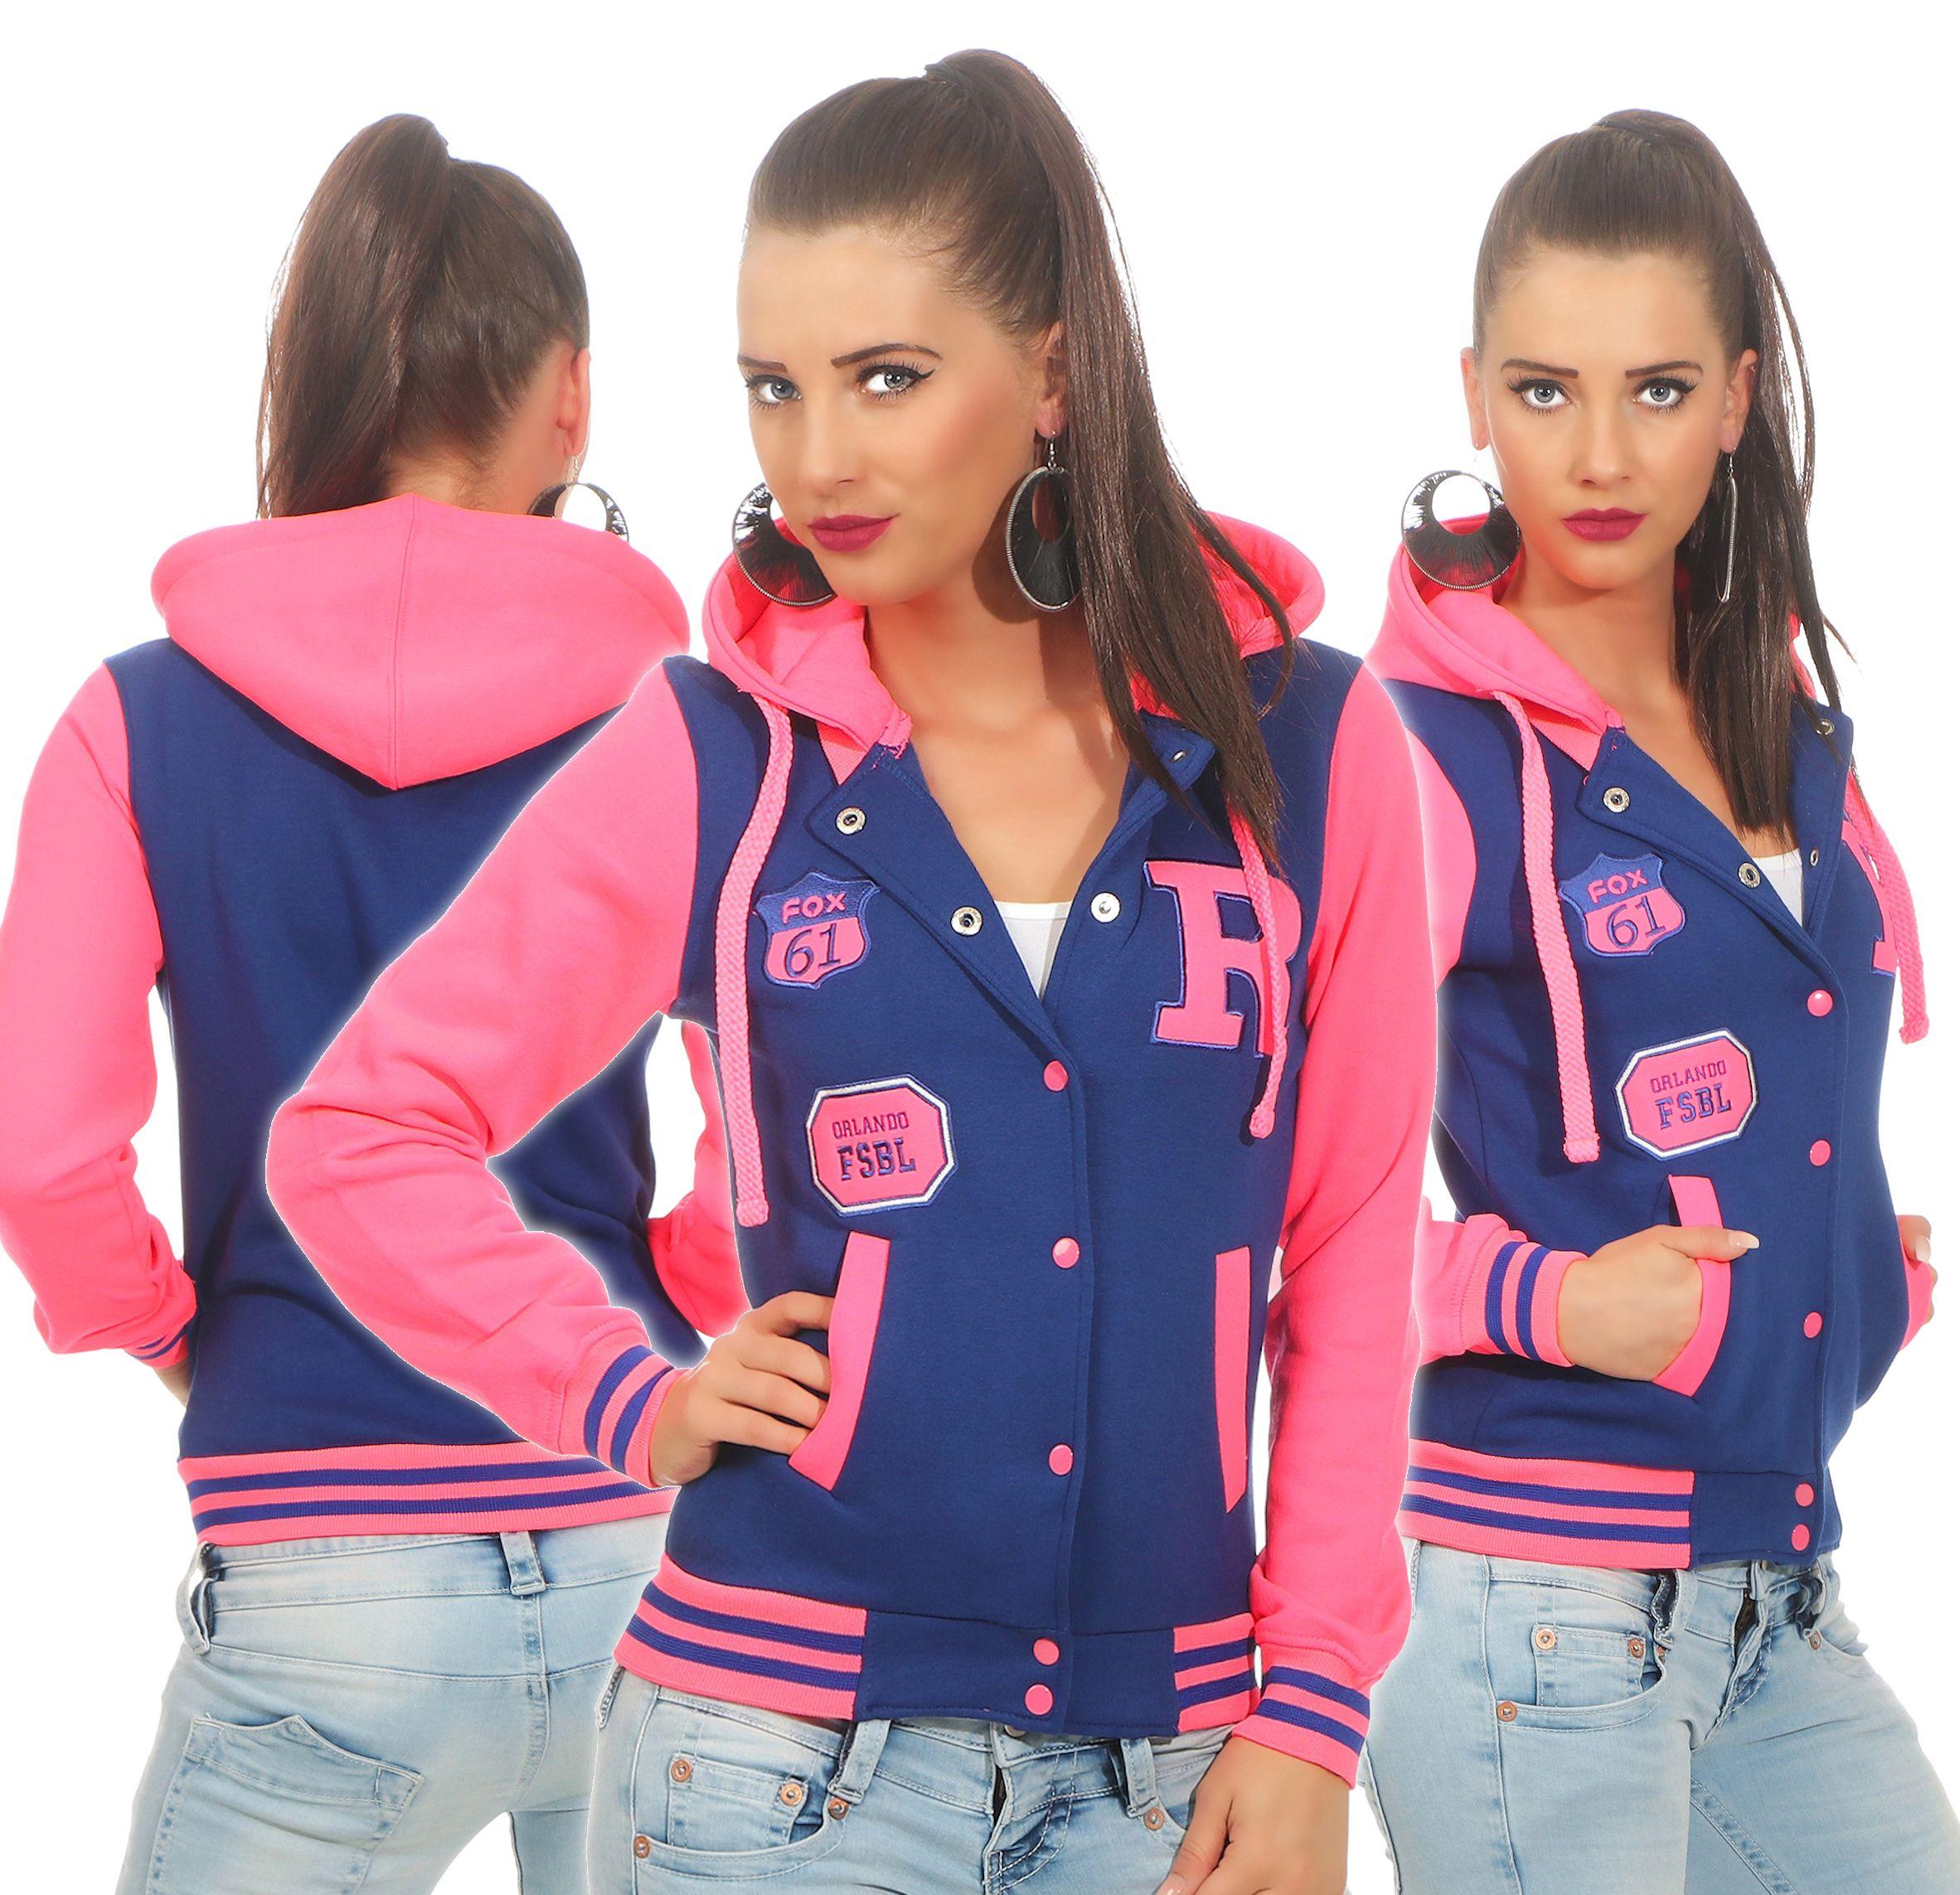 rosa jacke mit blau abschluss